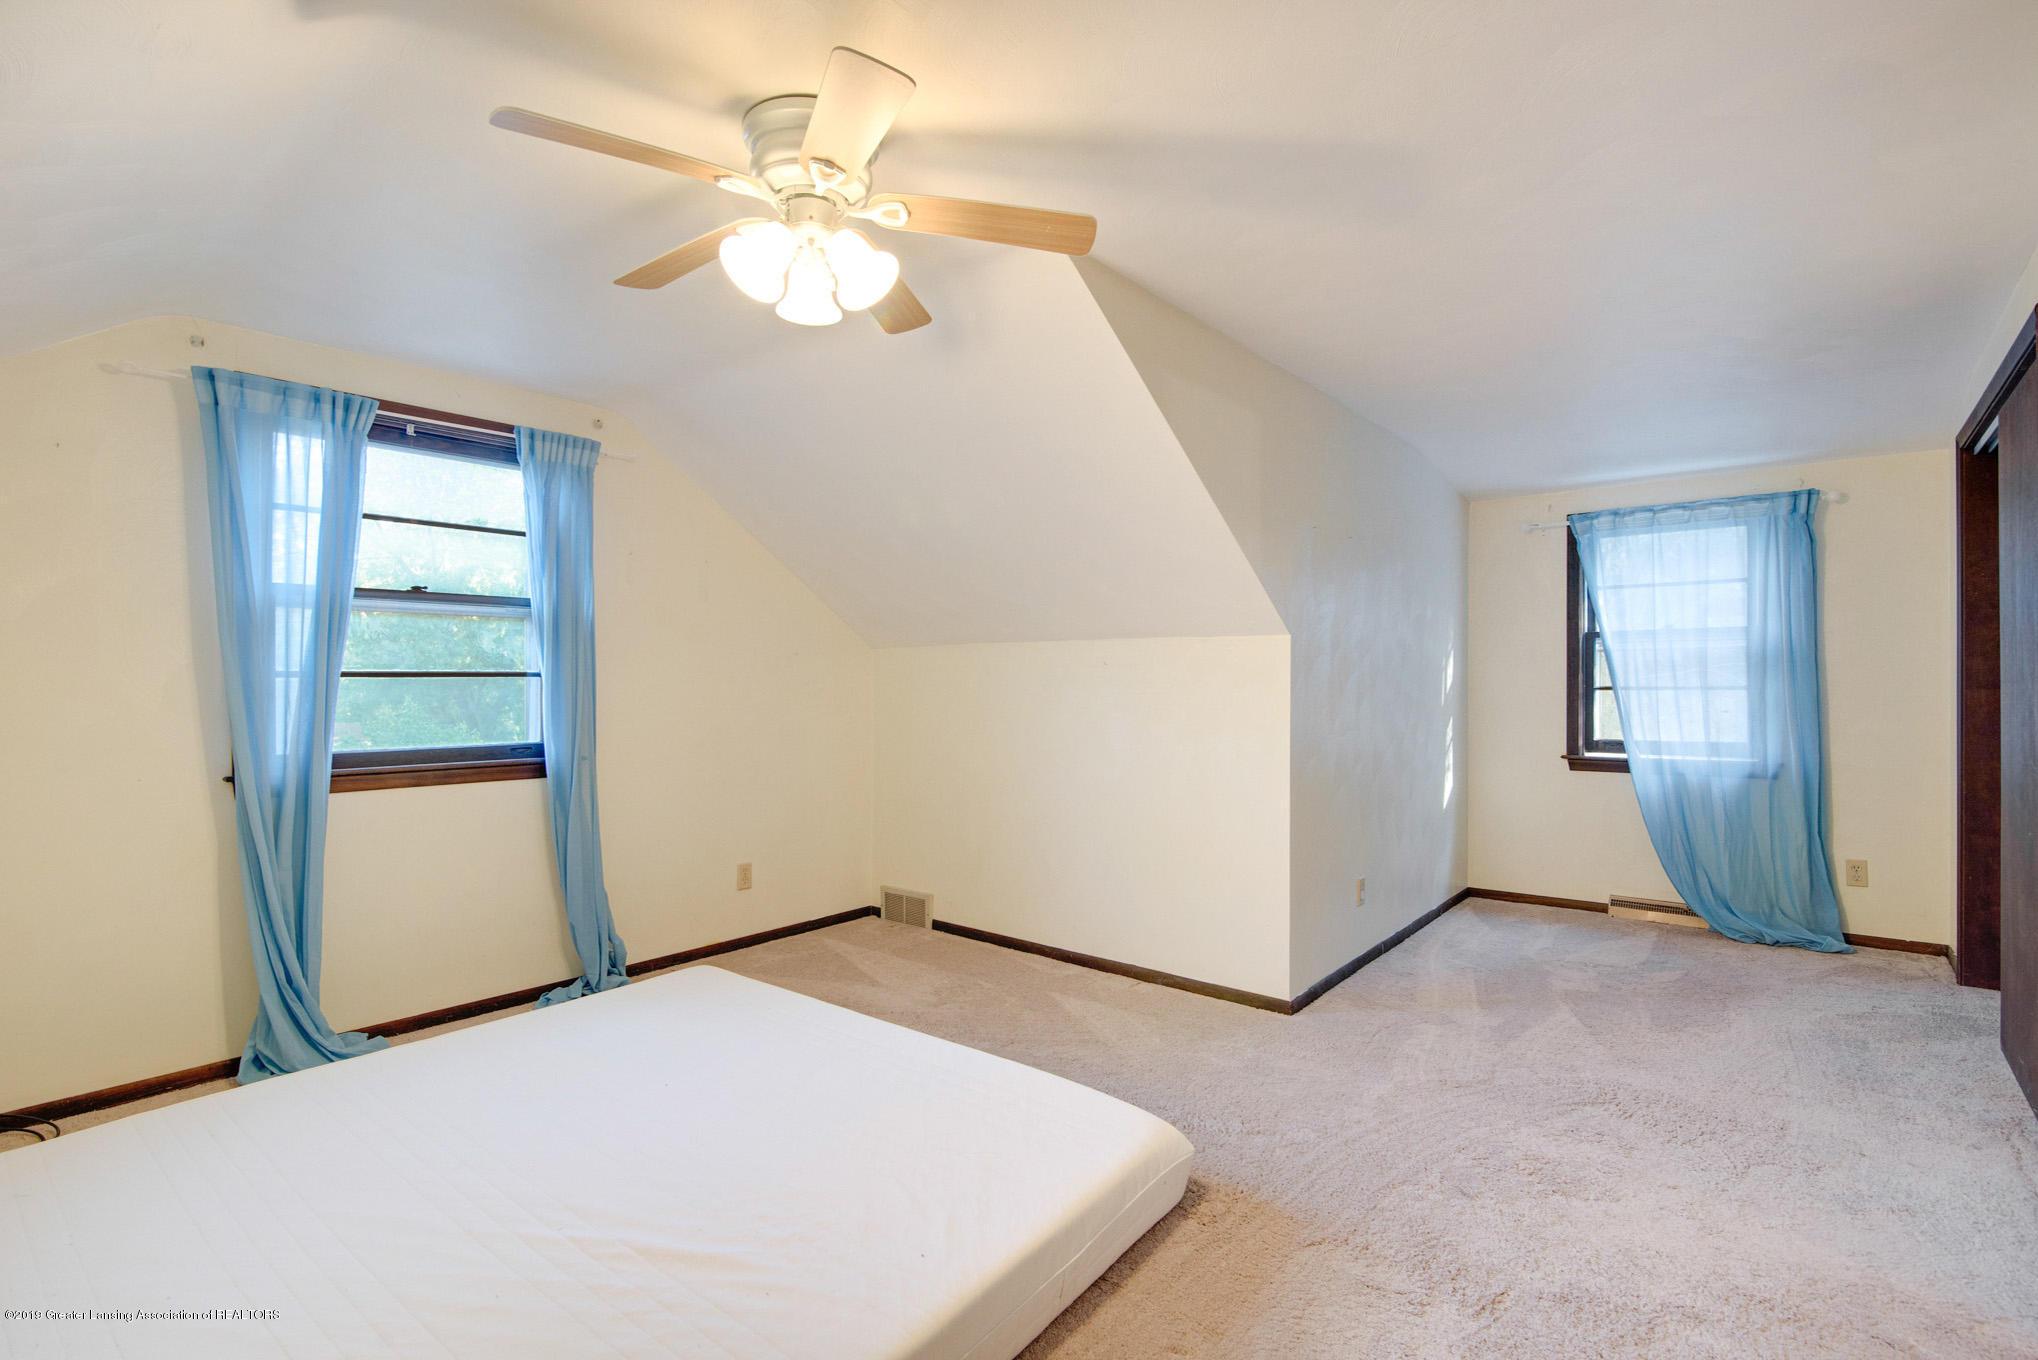 1237 Daisy Ln - Bedroom - 16